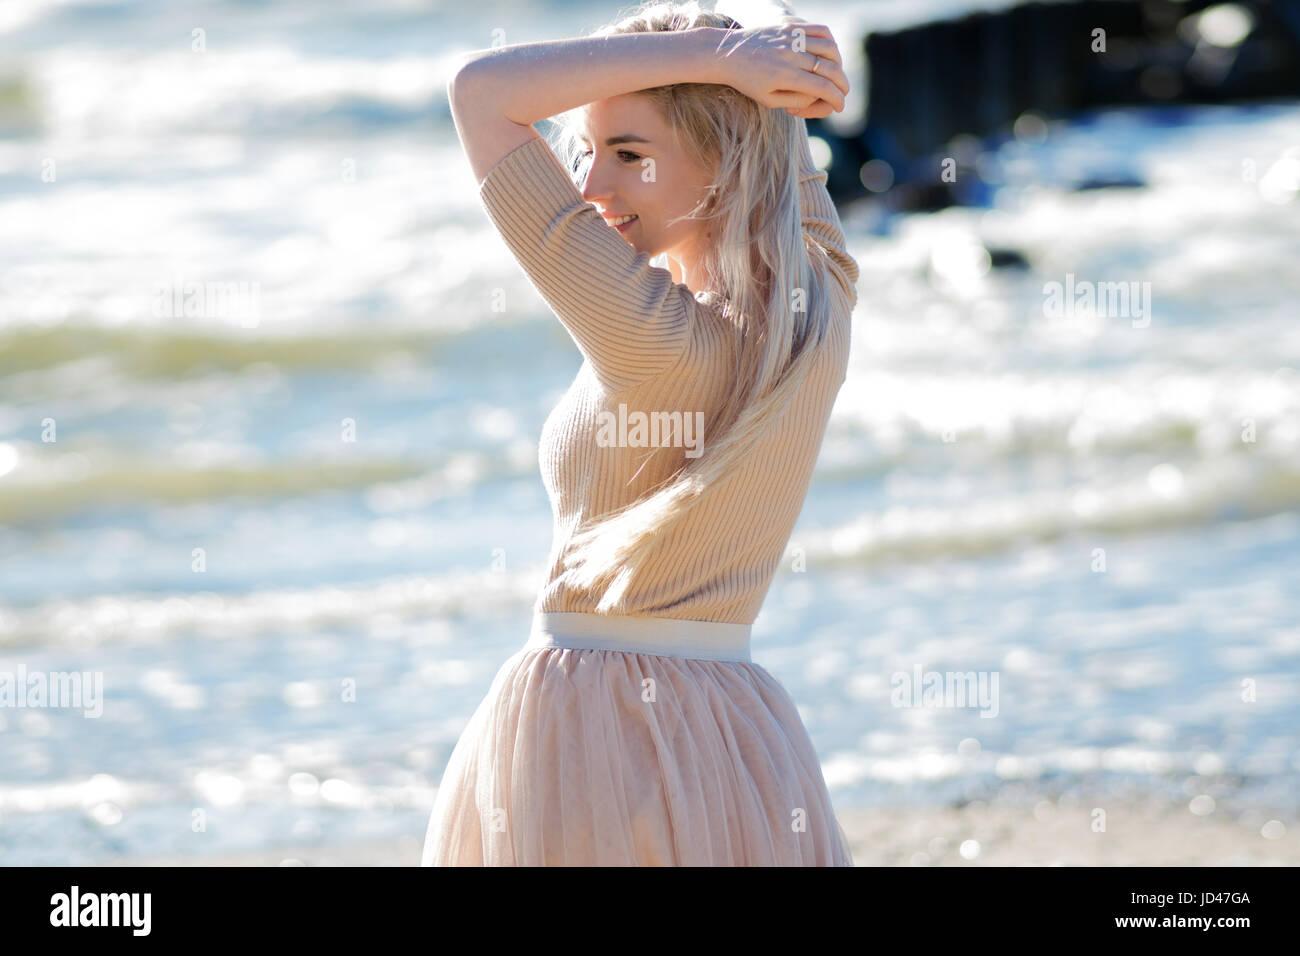 cheerful Young Jeune le femme en mer souriant la girl Jupe tendance de sur bord beige blonde très wwp4dqr